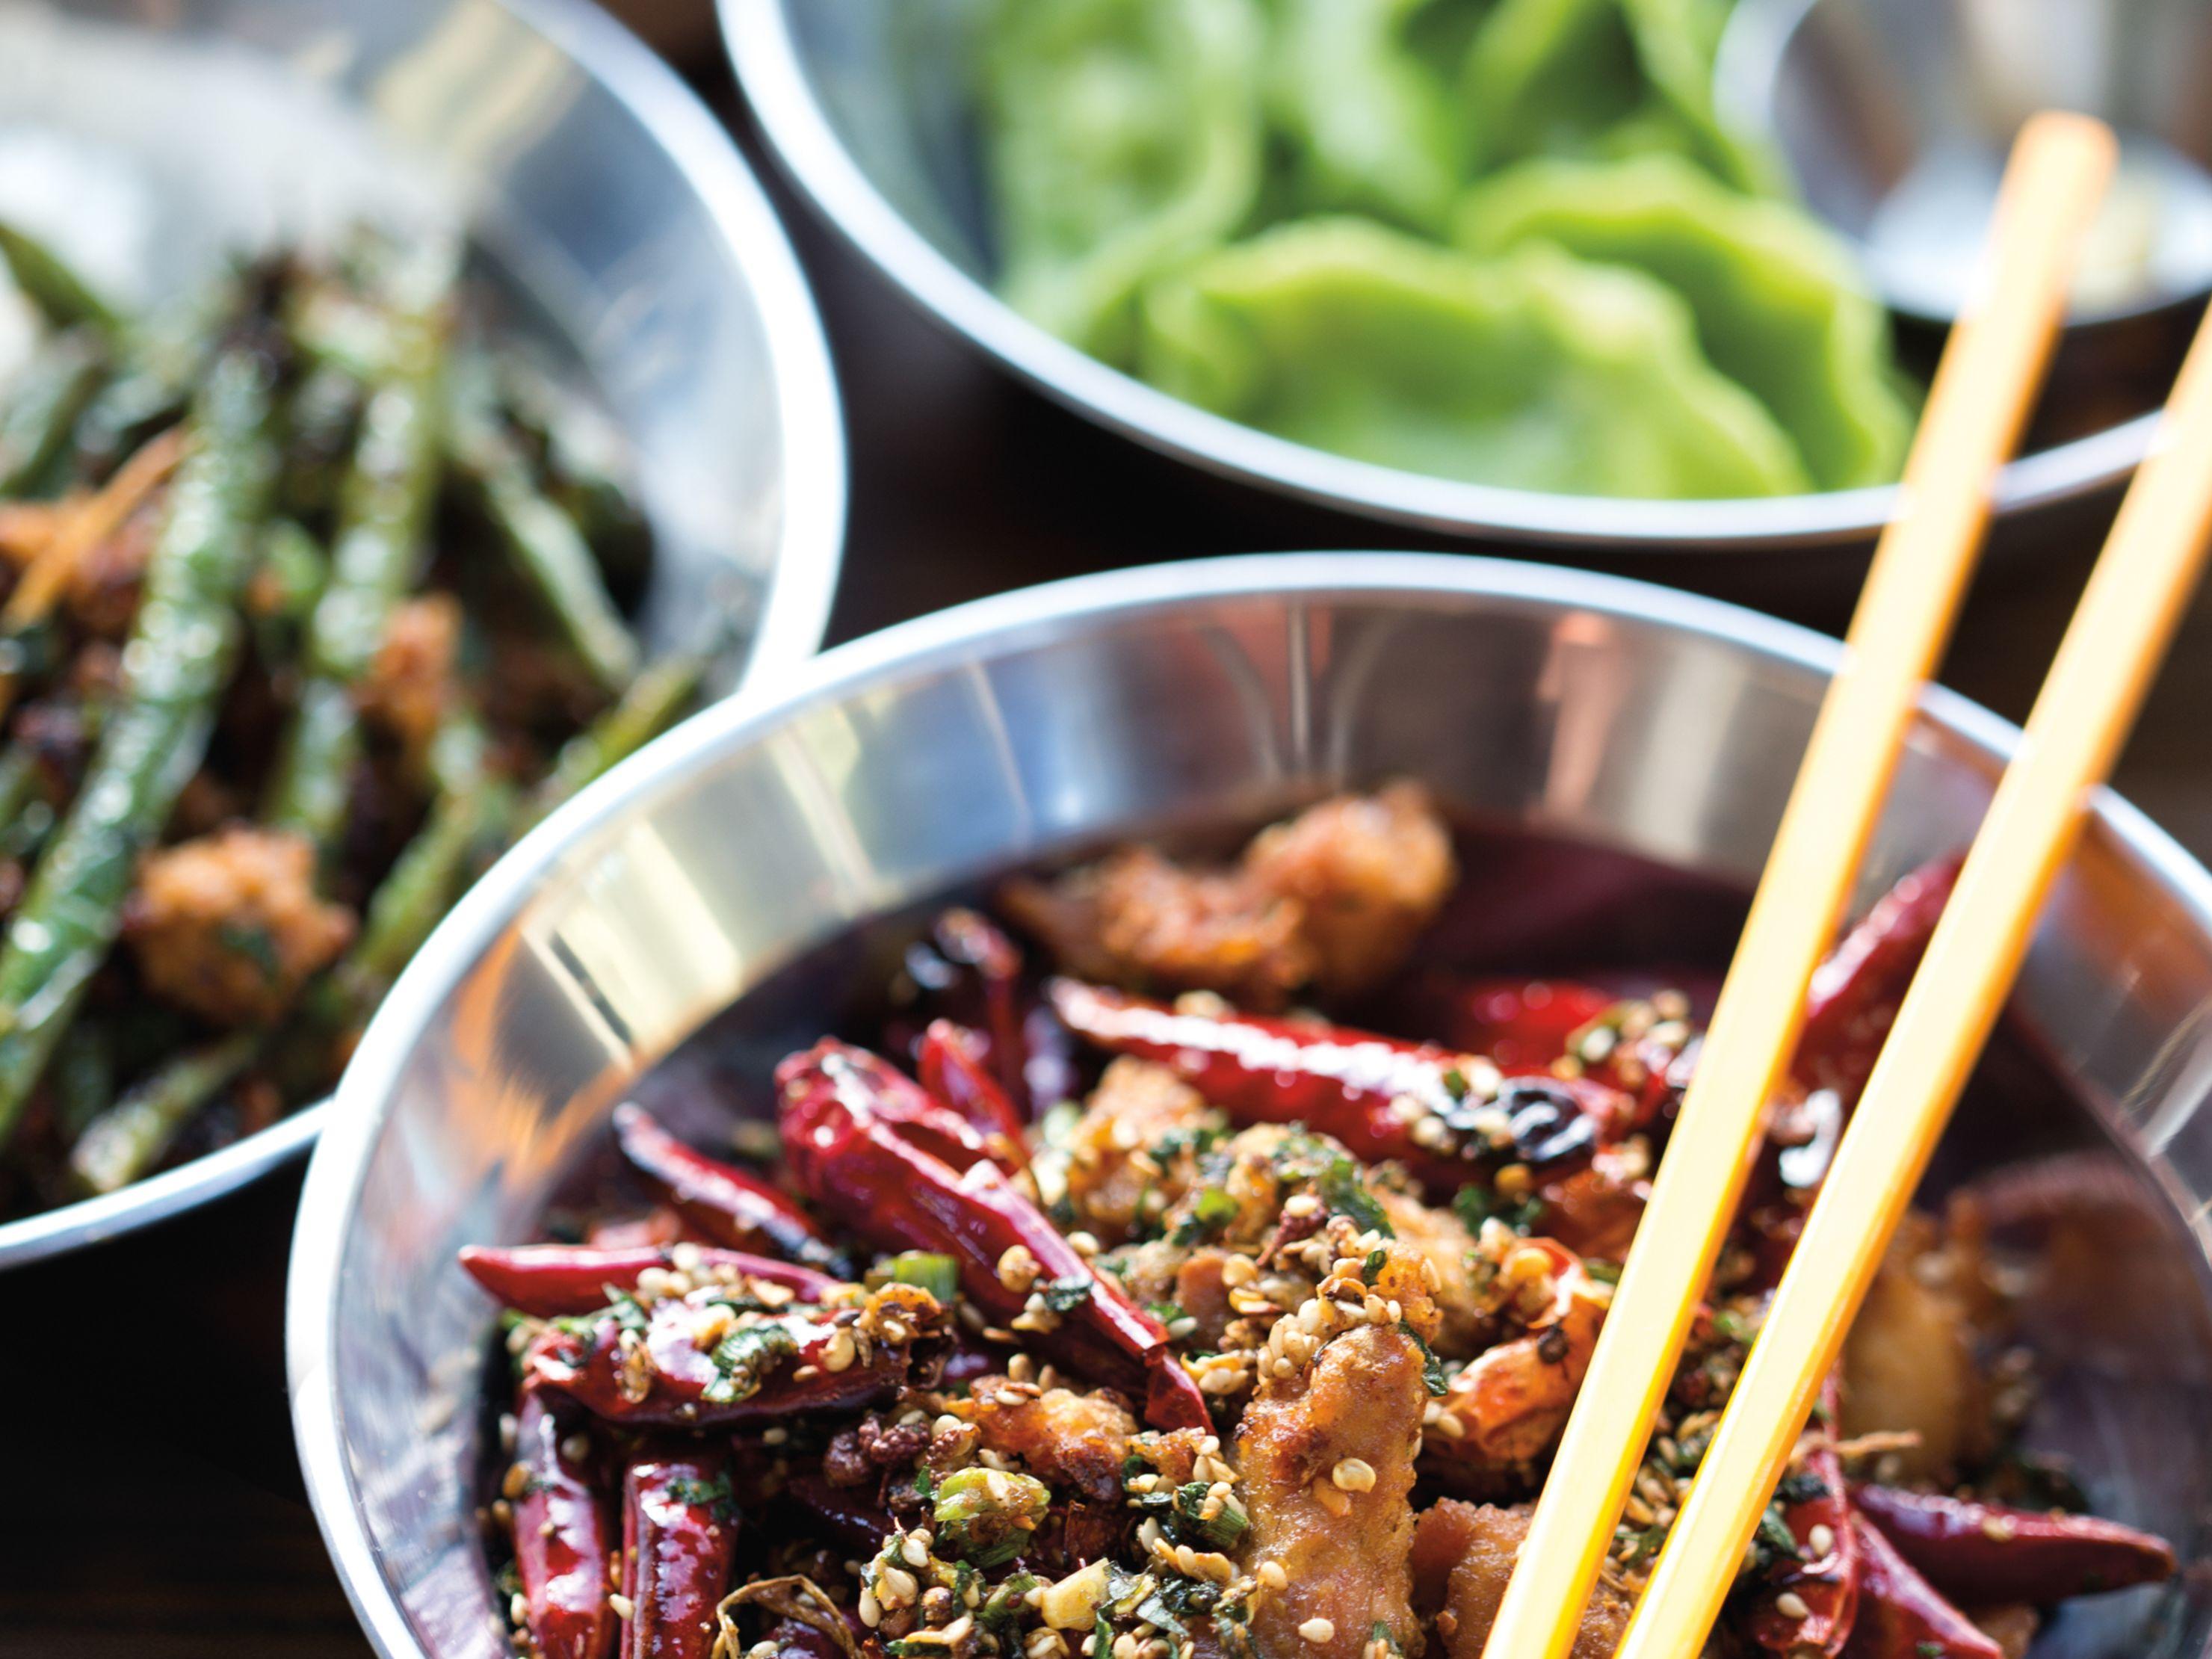 Pomo 0317 eat drink danwei canting lqtsdq